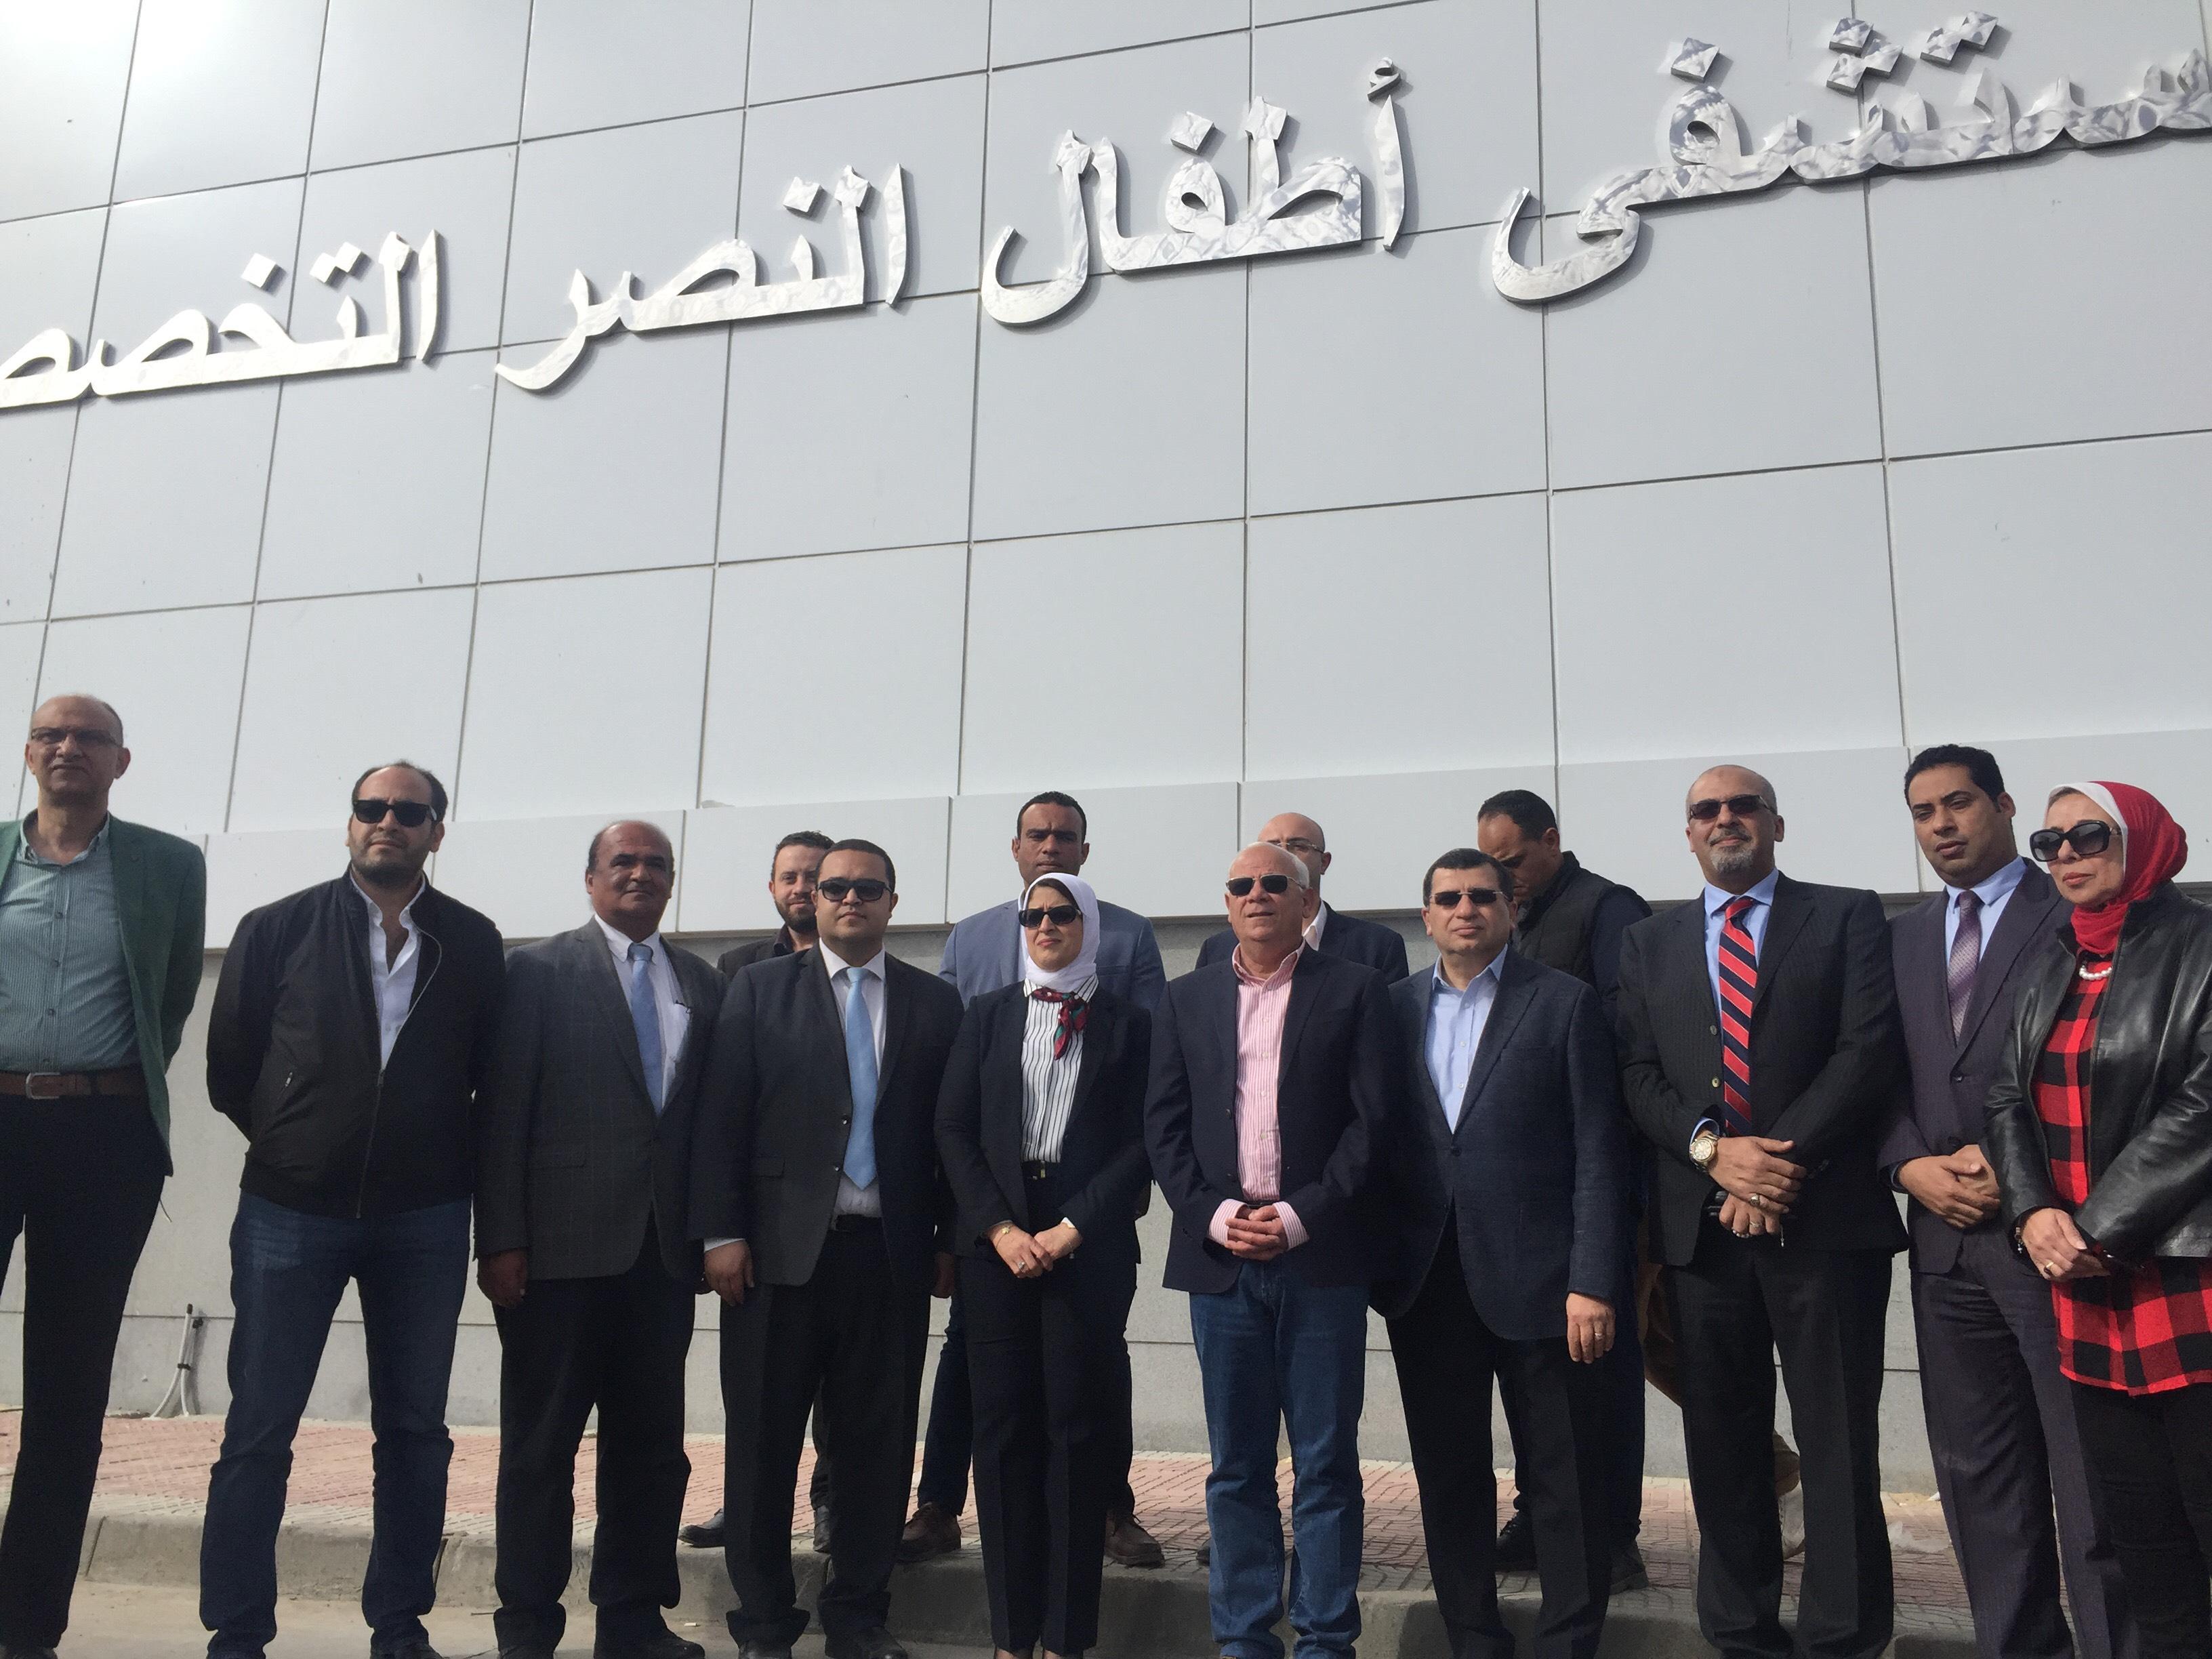 وزيرة الصحة تتفقد مستشفى أطفال النصر (14)